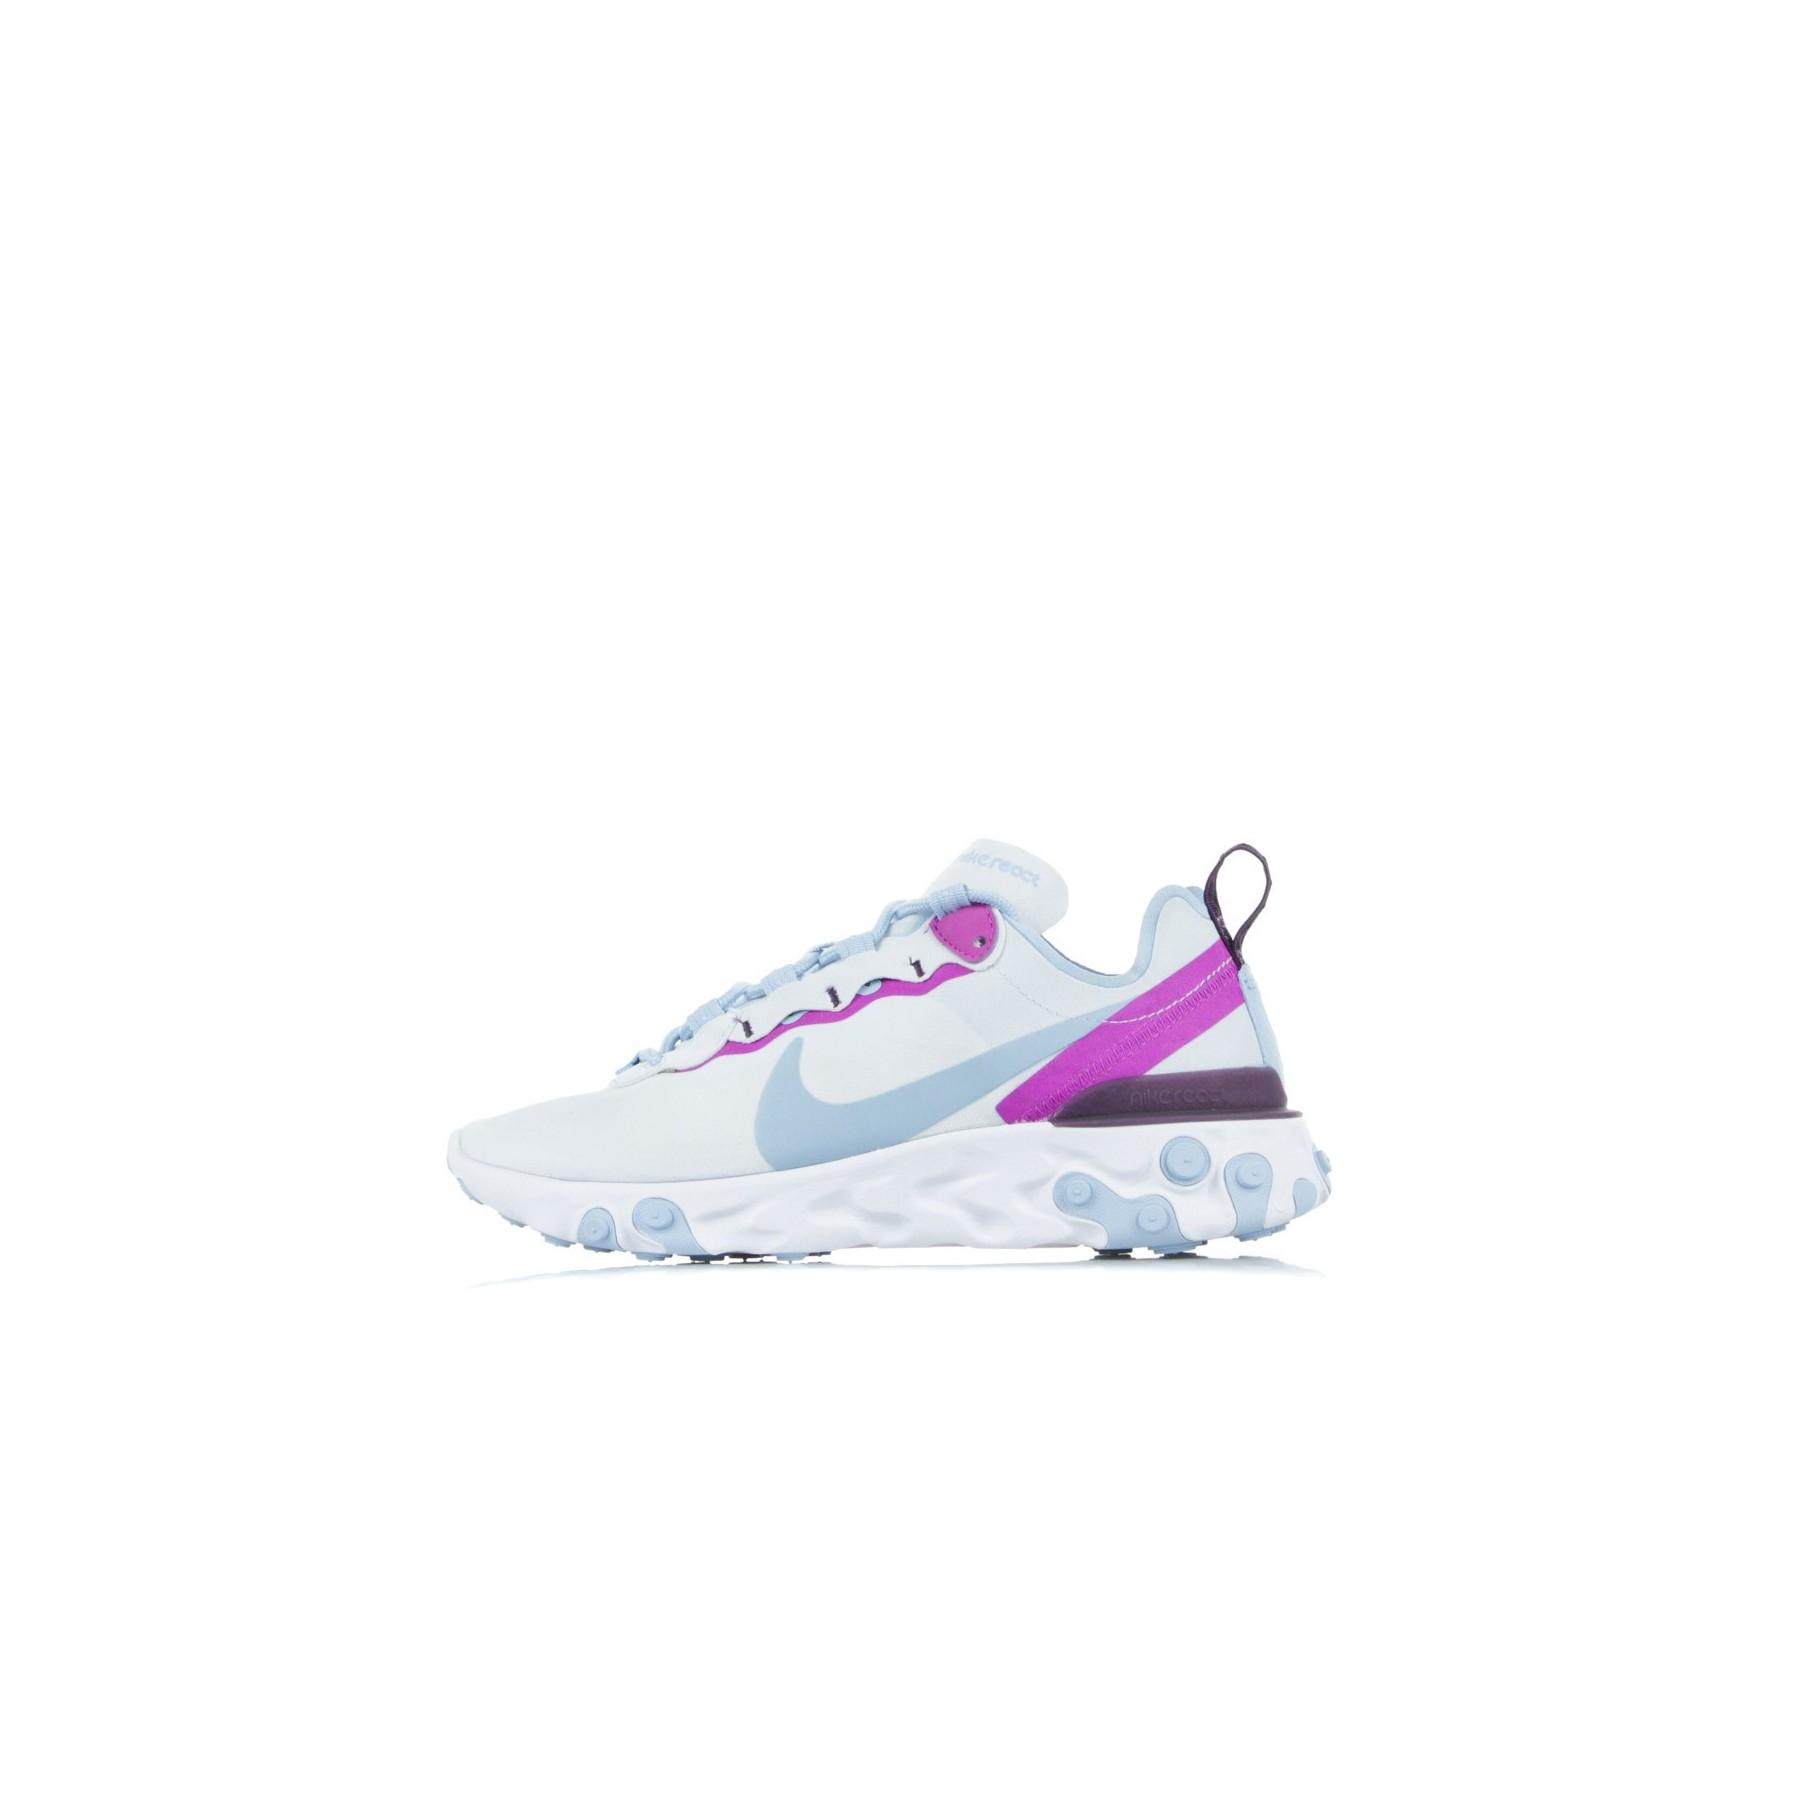 Dettagli su NIKE AIR MAX COMMAND PRM Sneaker Donna Scarpe Sportive (718896 100) Taglia: selezionabile NUOVO mostra il titolo originale